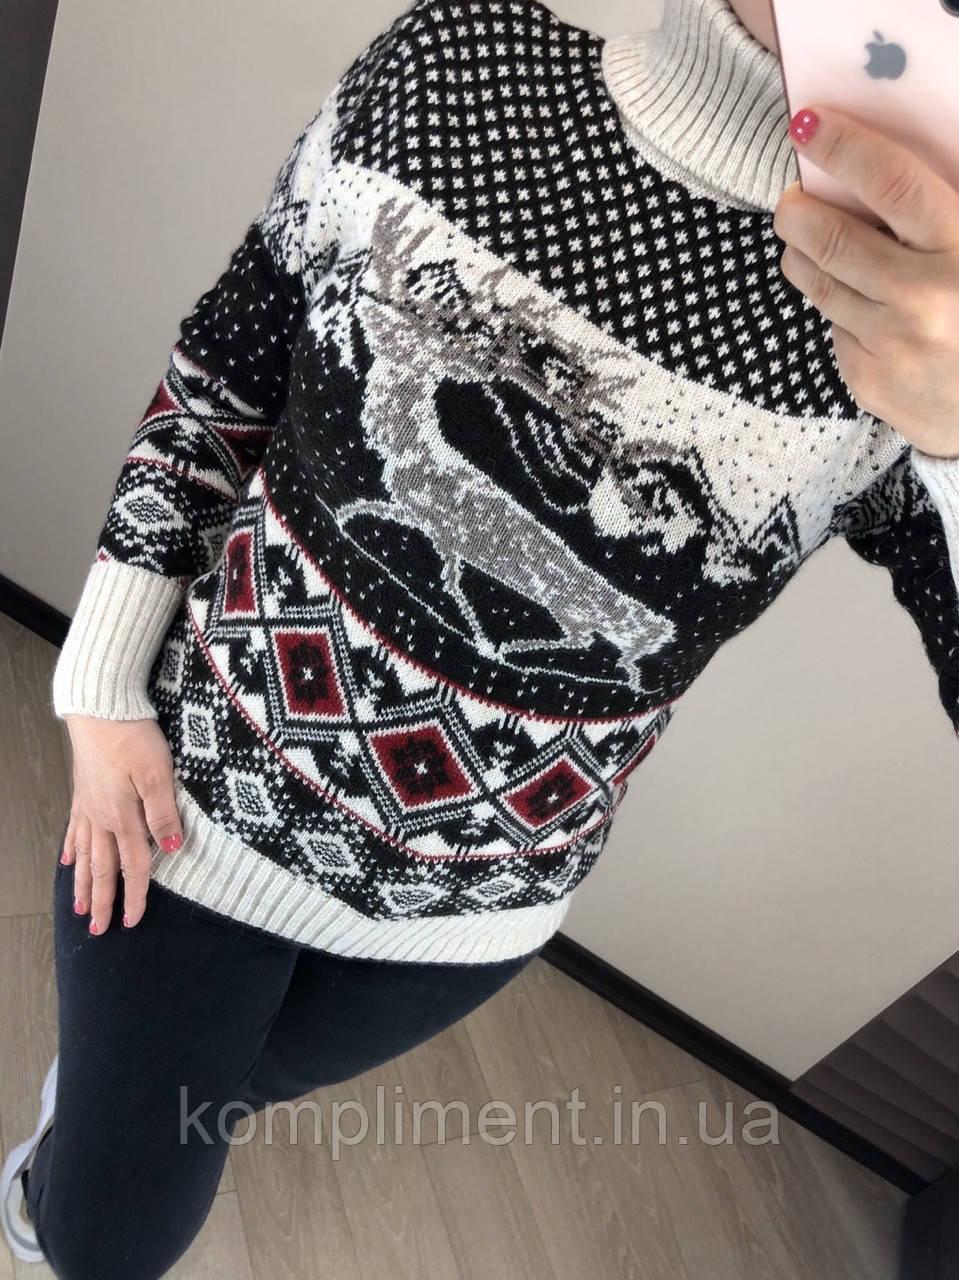 Шерстяной турецкий вязаный свитер с рисунком,  4633